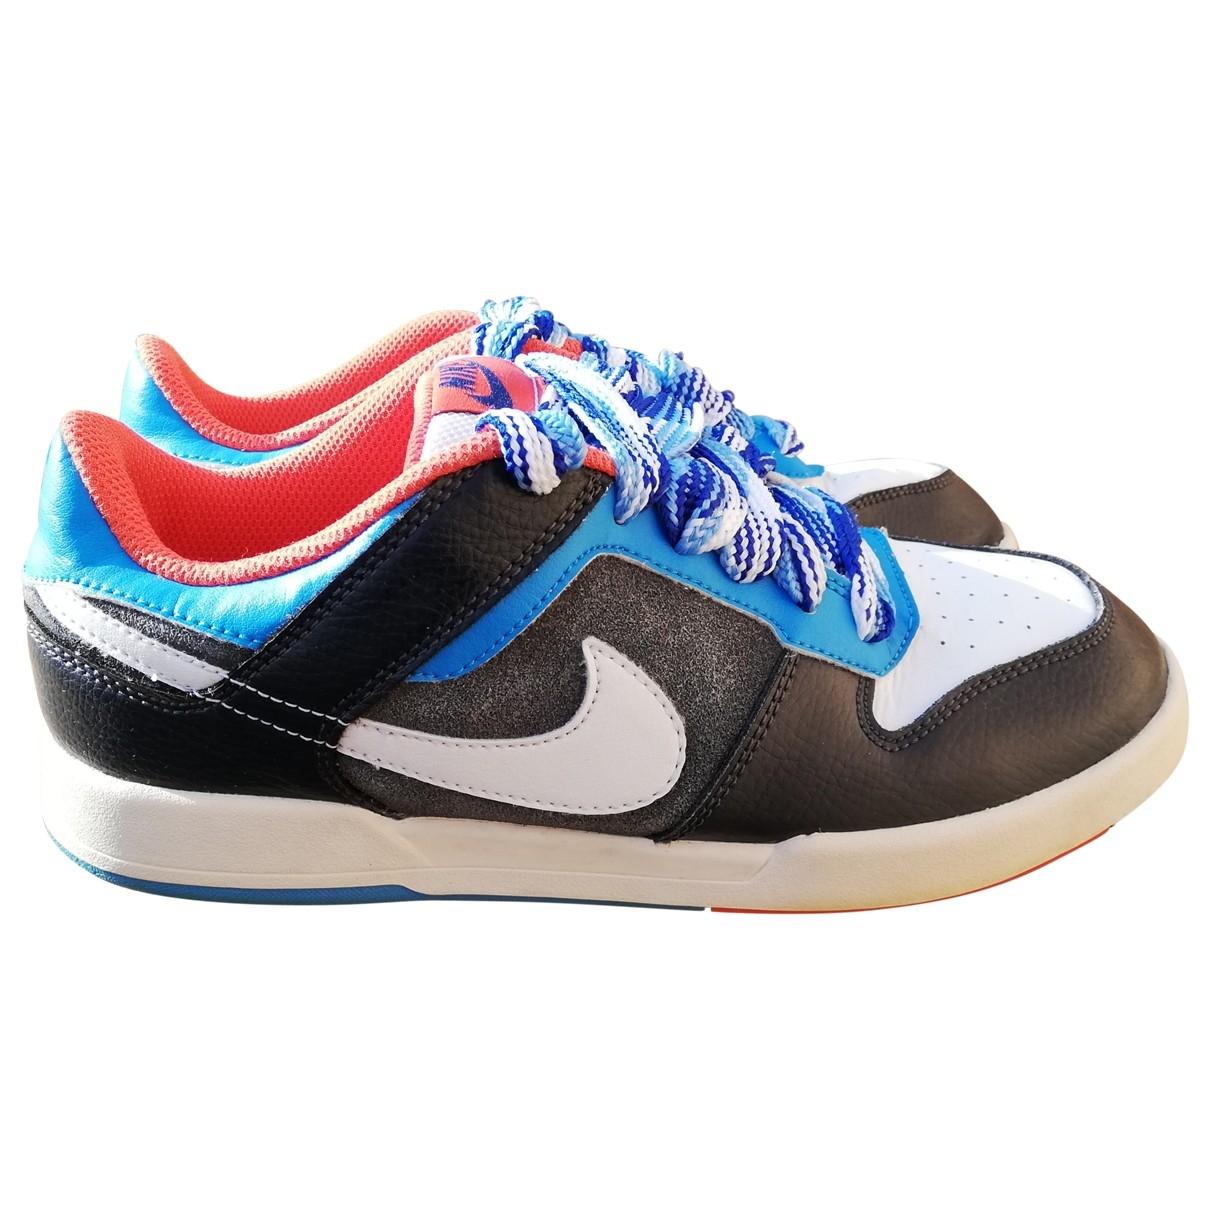 Nike - Baskets SB Dunk  pour femme en cuir - multicolore